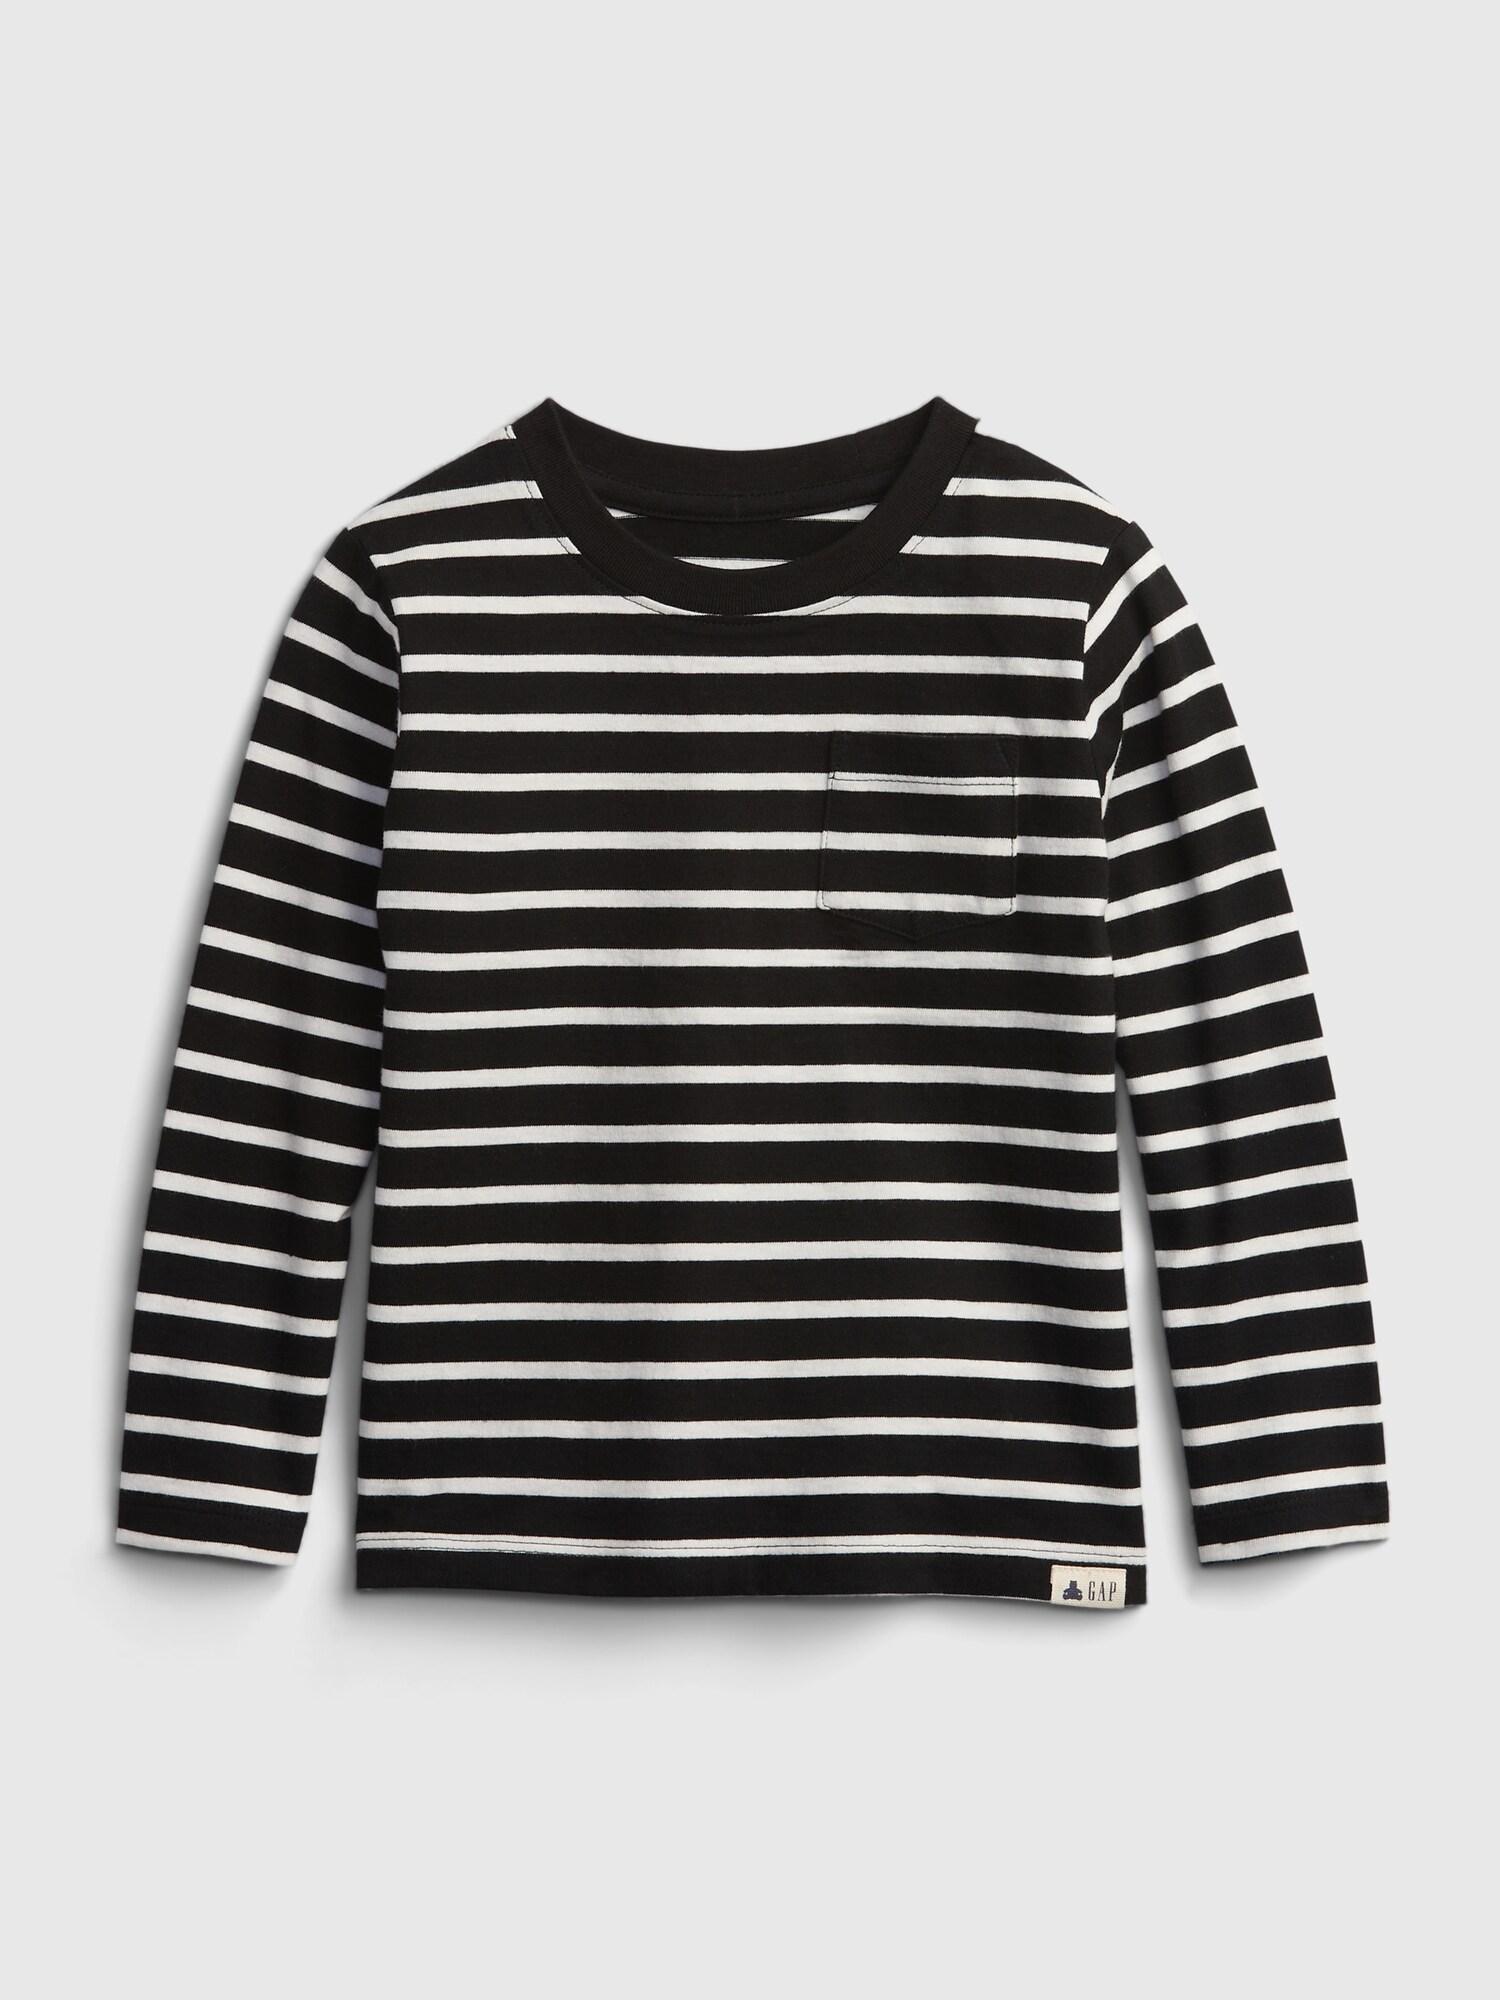 オーガニックコットン100% ブラナン プレイタイムフェイバリット ストライプ Tシャツ (幼児)